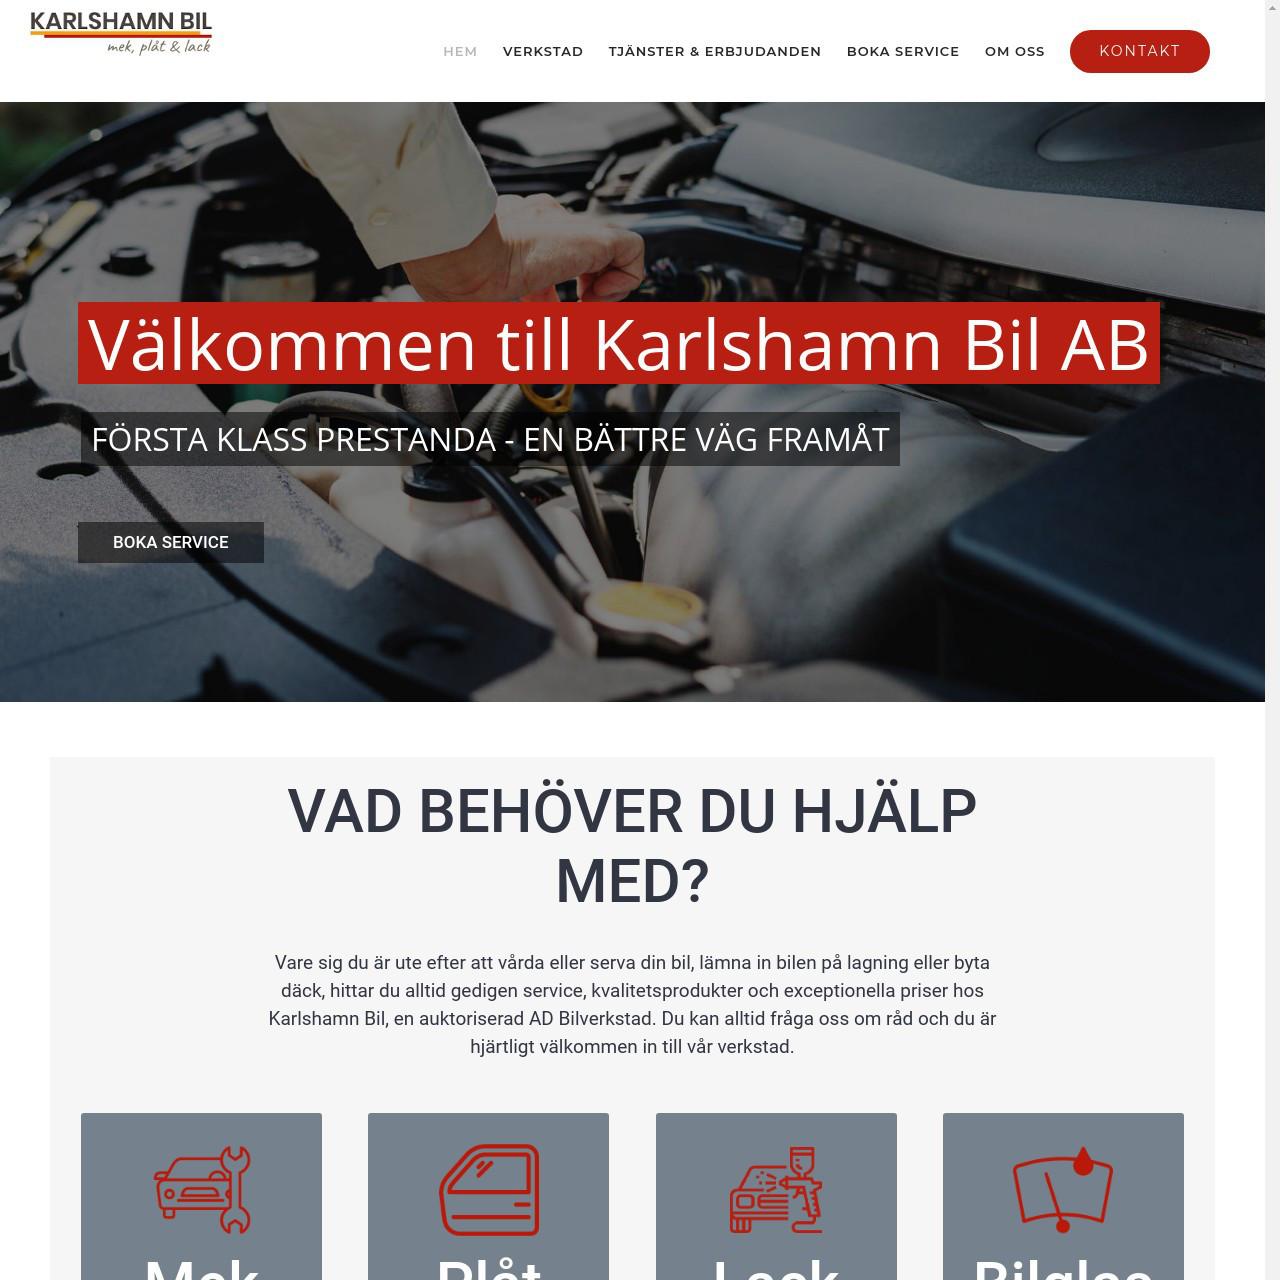 Karlshamn Bil AB 1